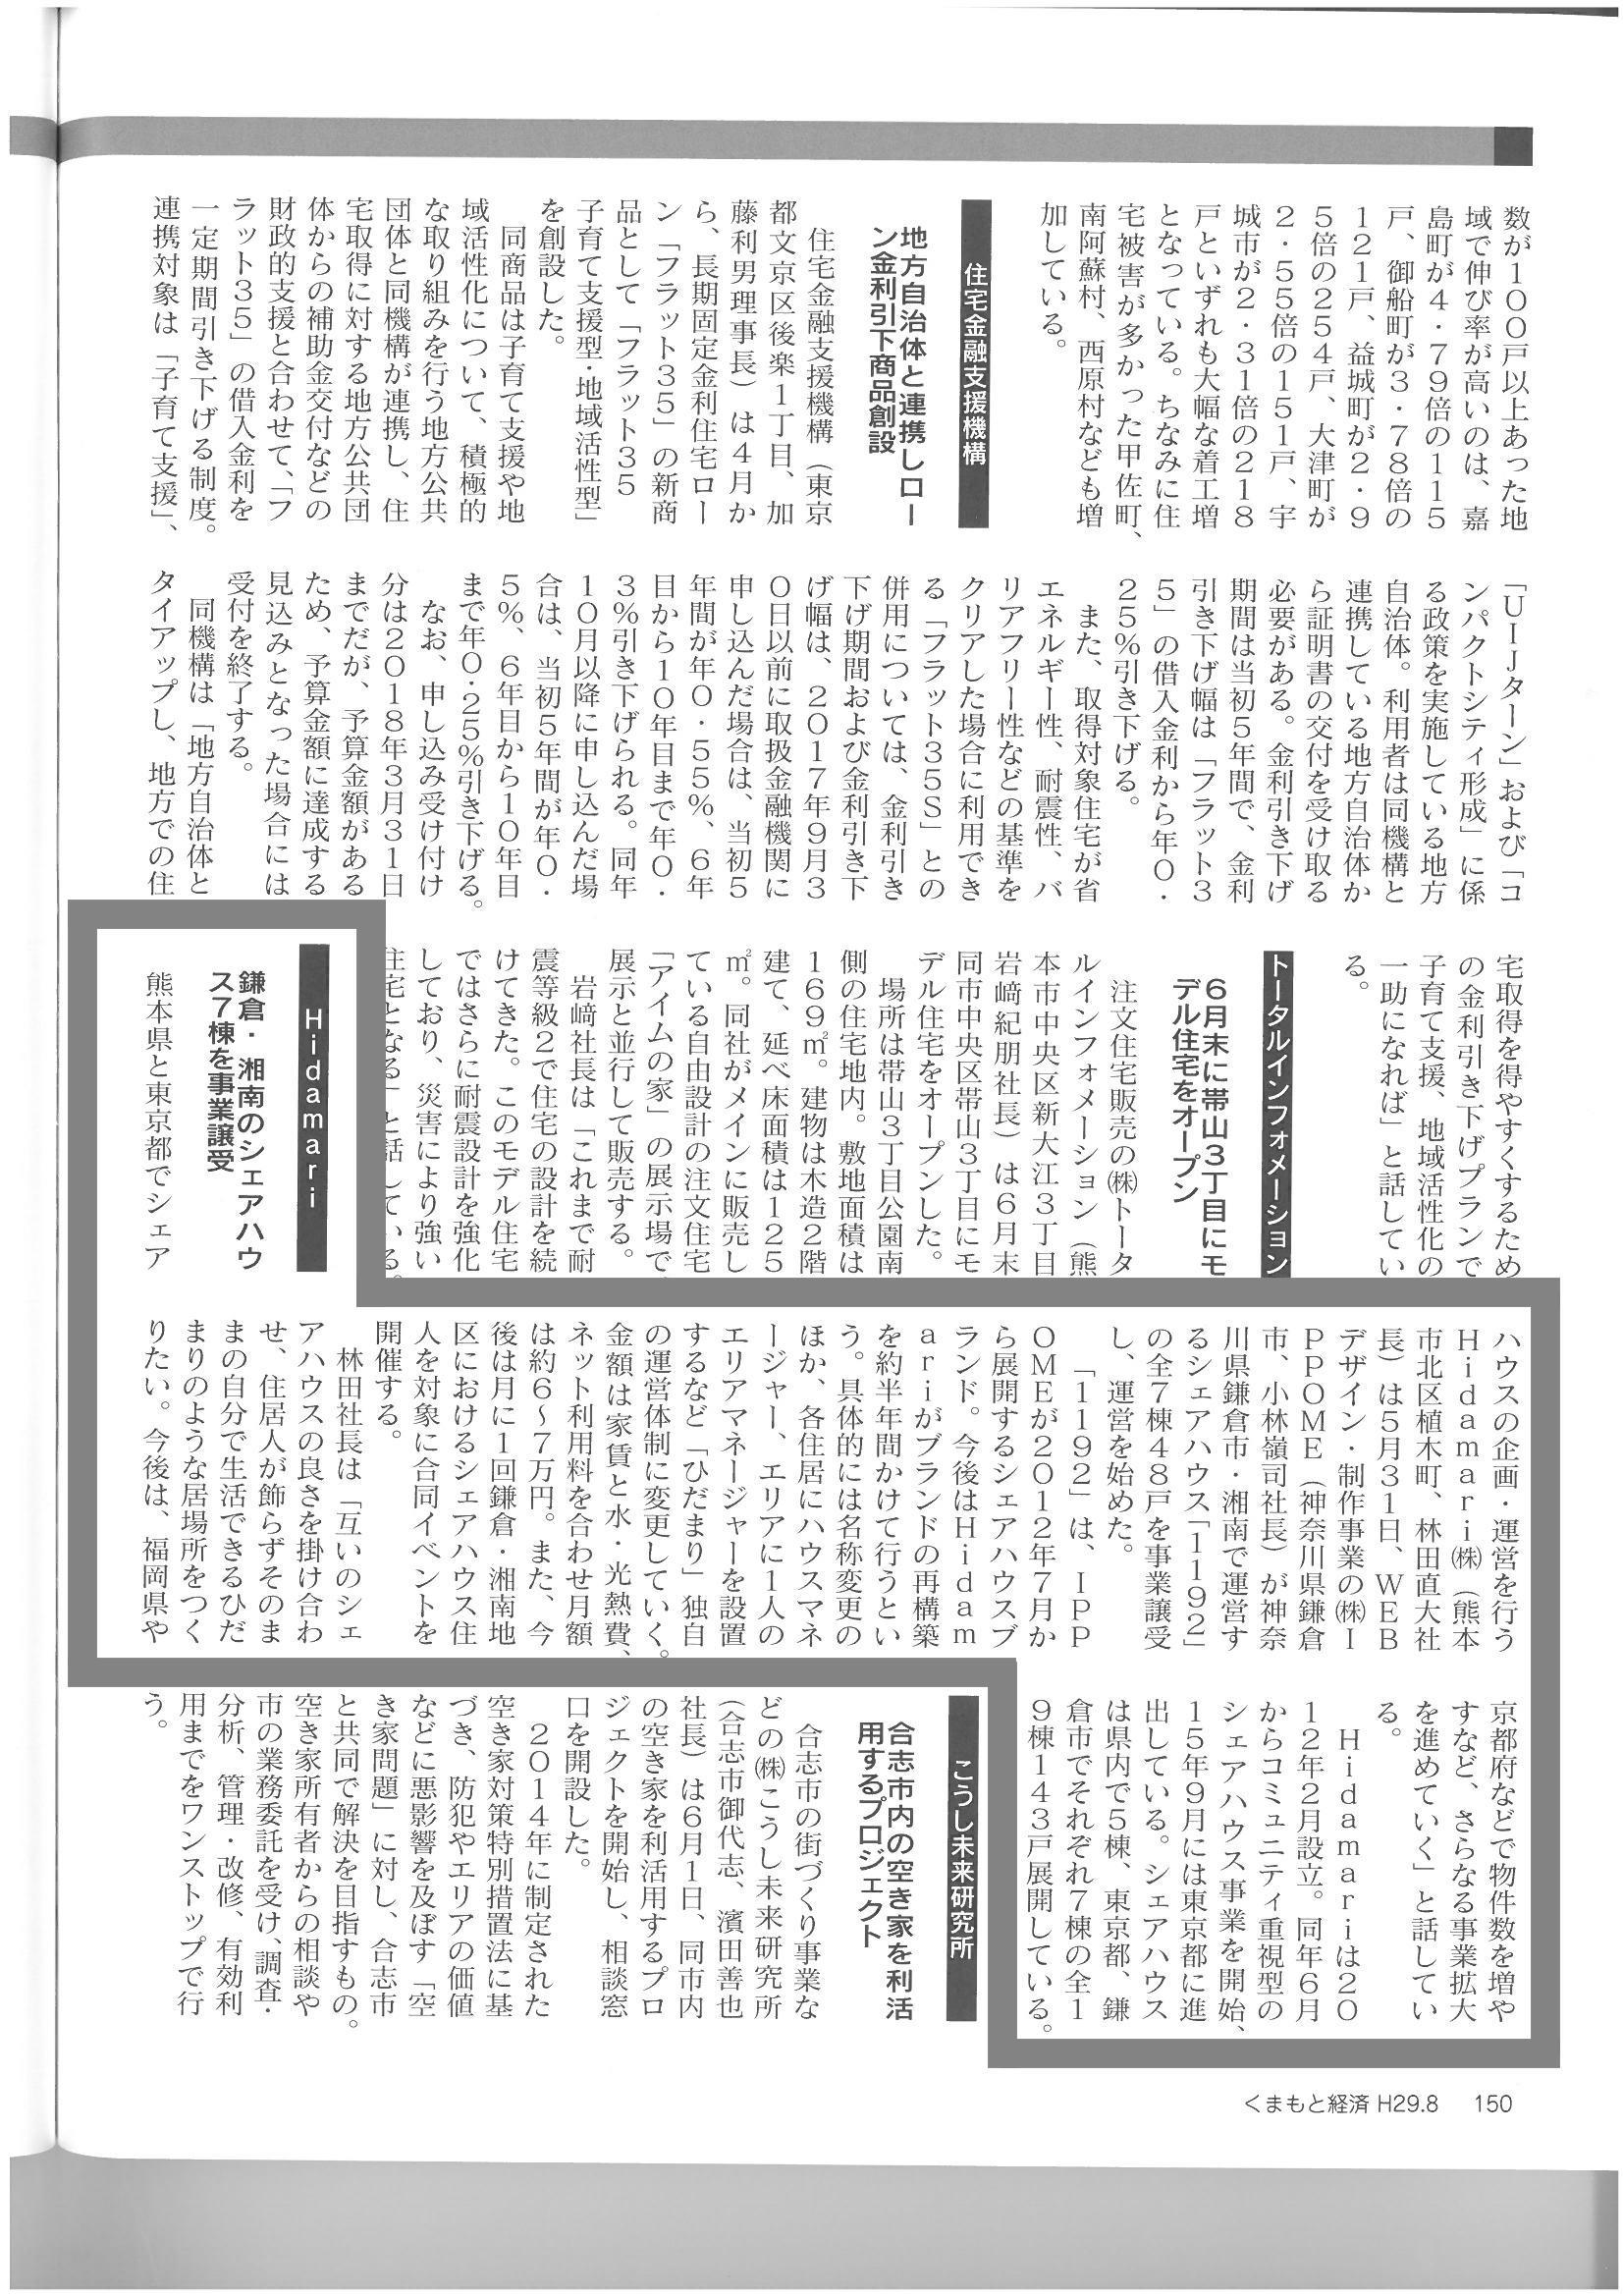 熊本経済2017:8月号